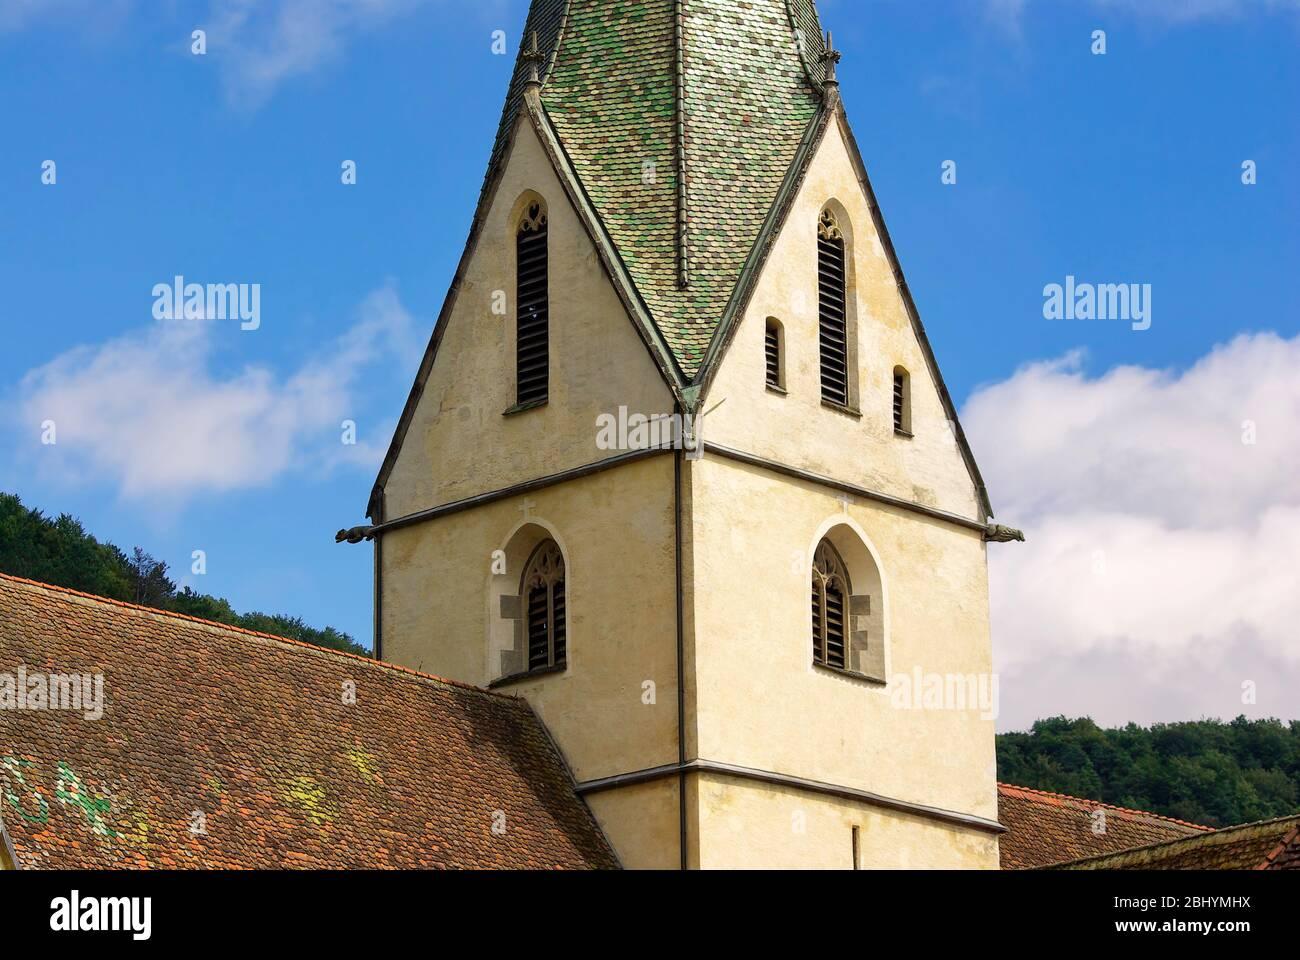 Detail des Daches und Kirchturms der Klosterkirche des Klosters Blaubeuren bei Ulm, Baden-Württemberg, Deutschland. Stockfoto